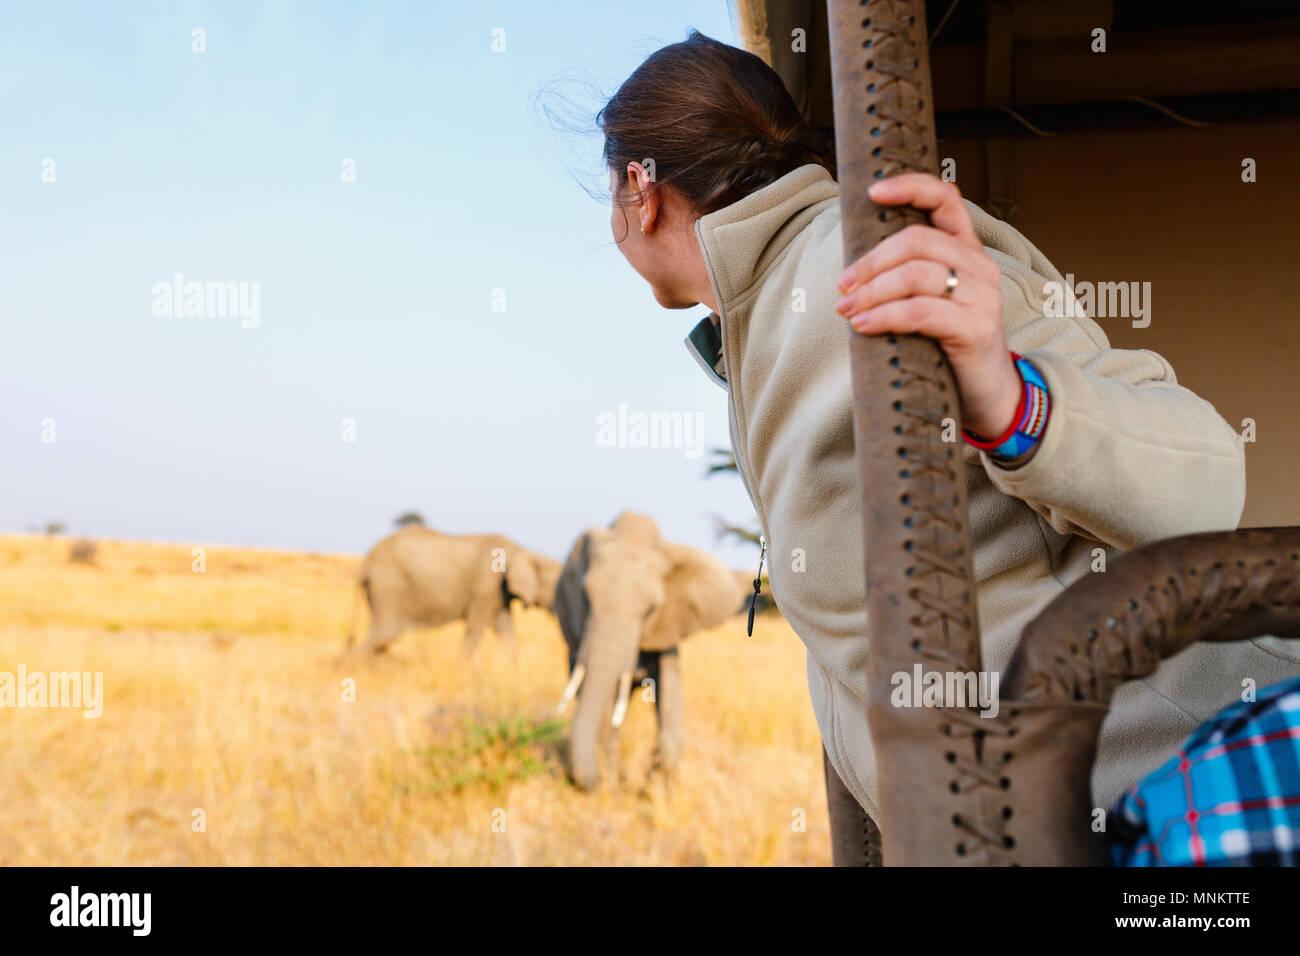 Frau auf Safari Pirschfahrt genießen nahe Begegnung mit Elefanten in Kenia Afrika Stockbild